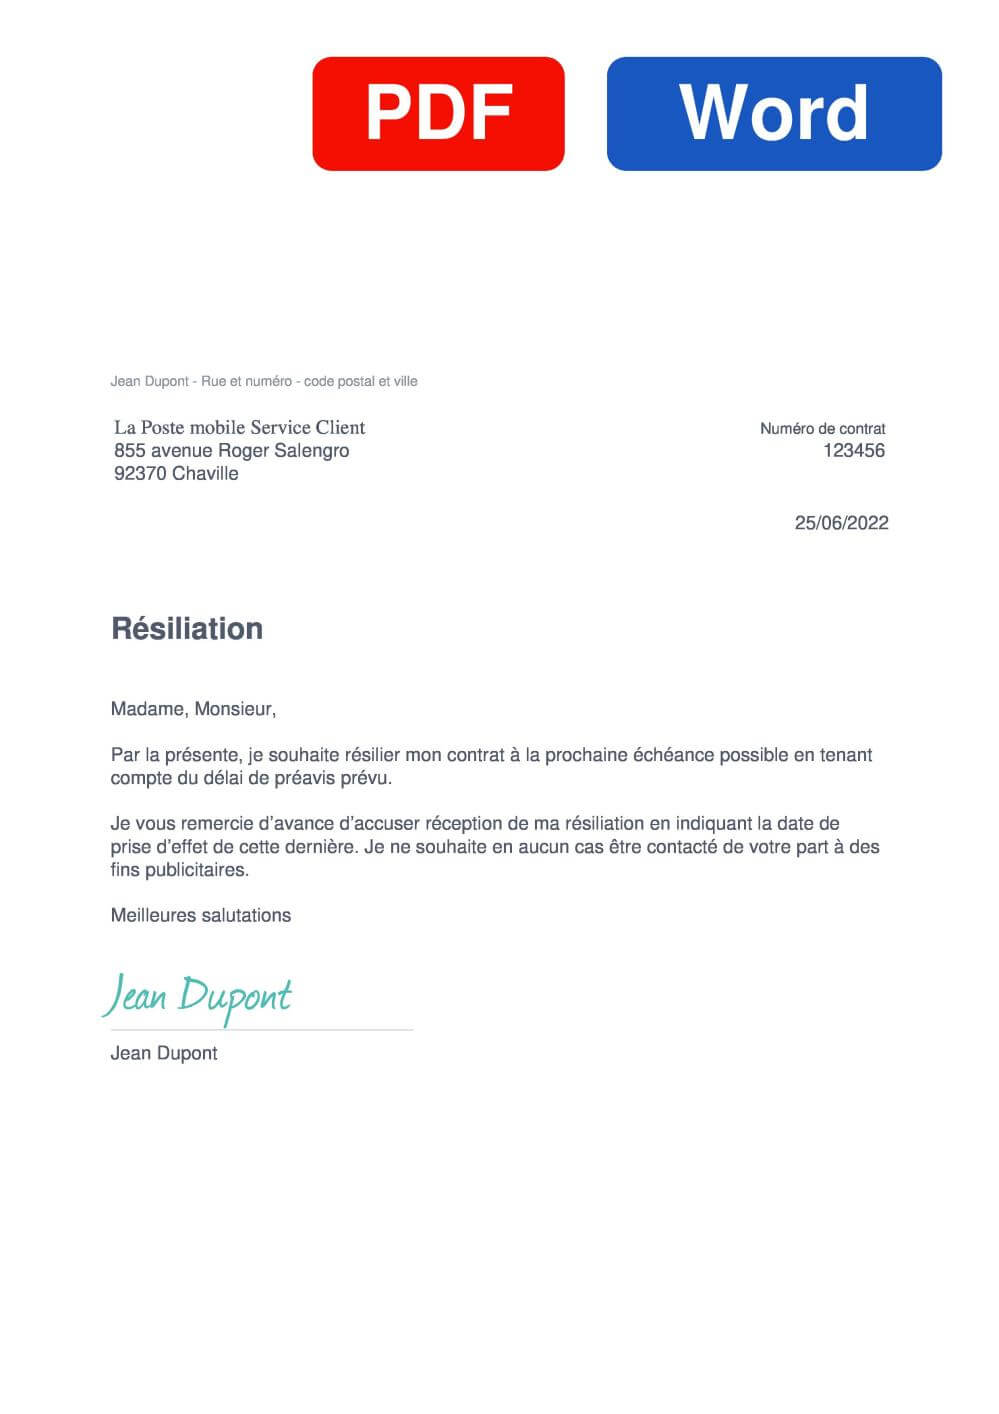 La Poste mobile Assurance Modèle de lettre de résiliation